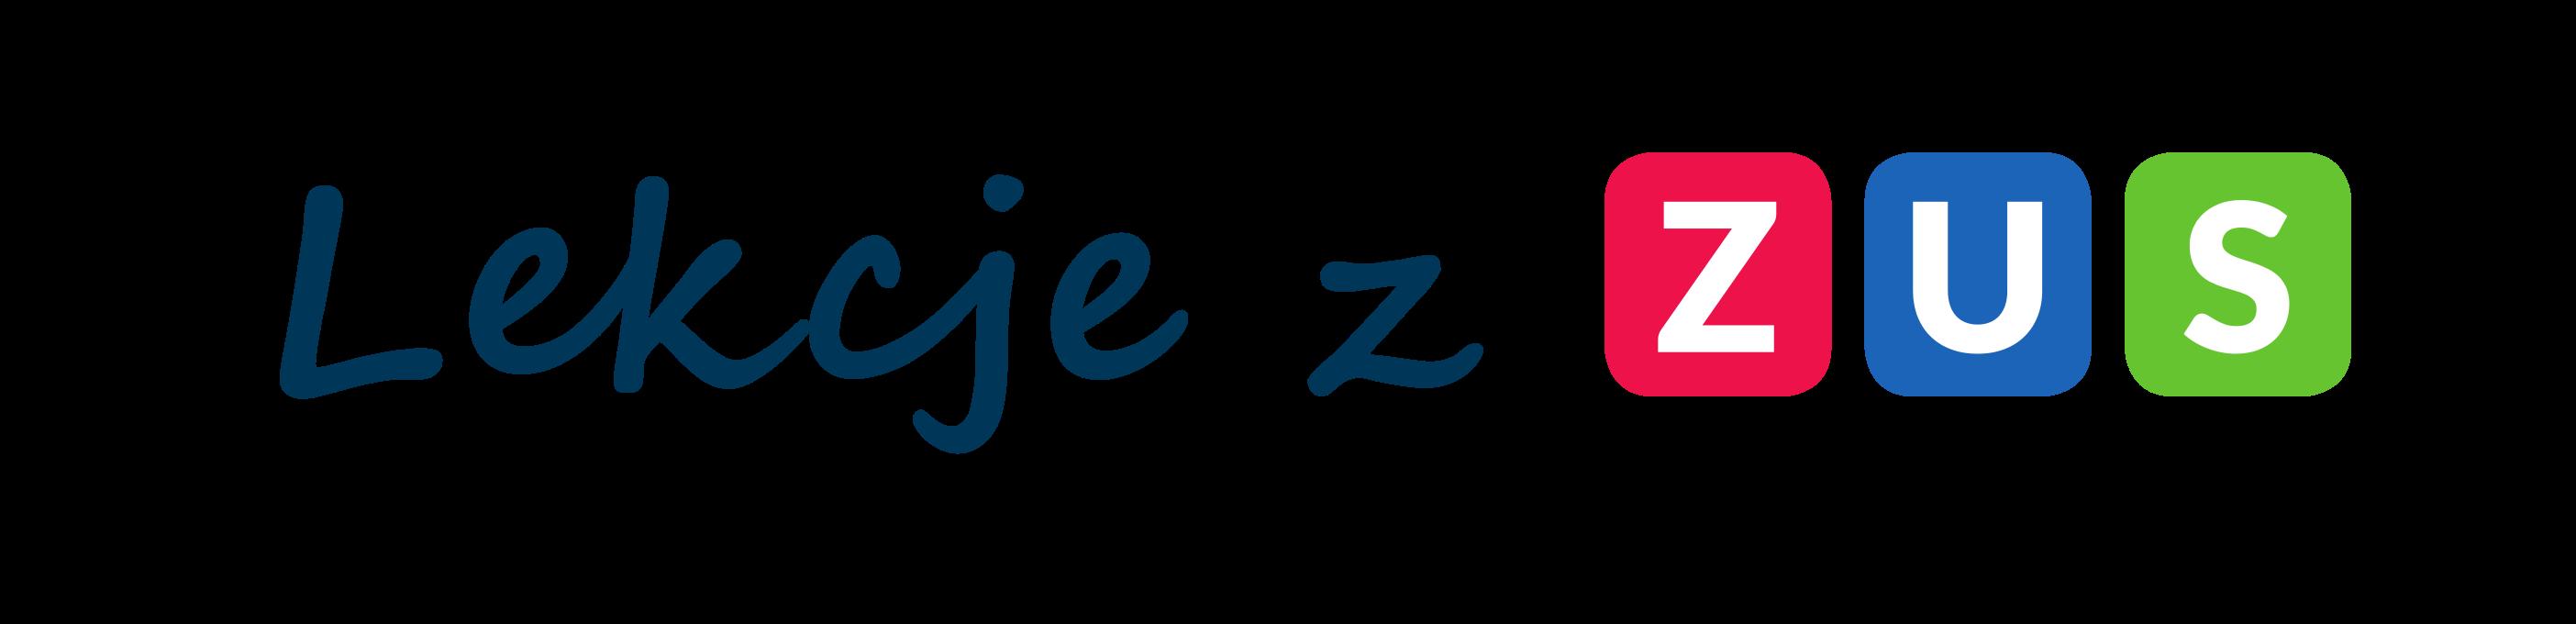 logo projektu Lekcje z ZUS